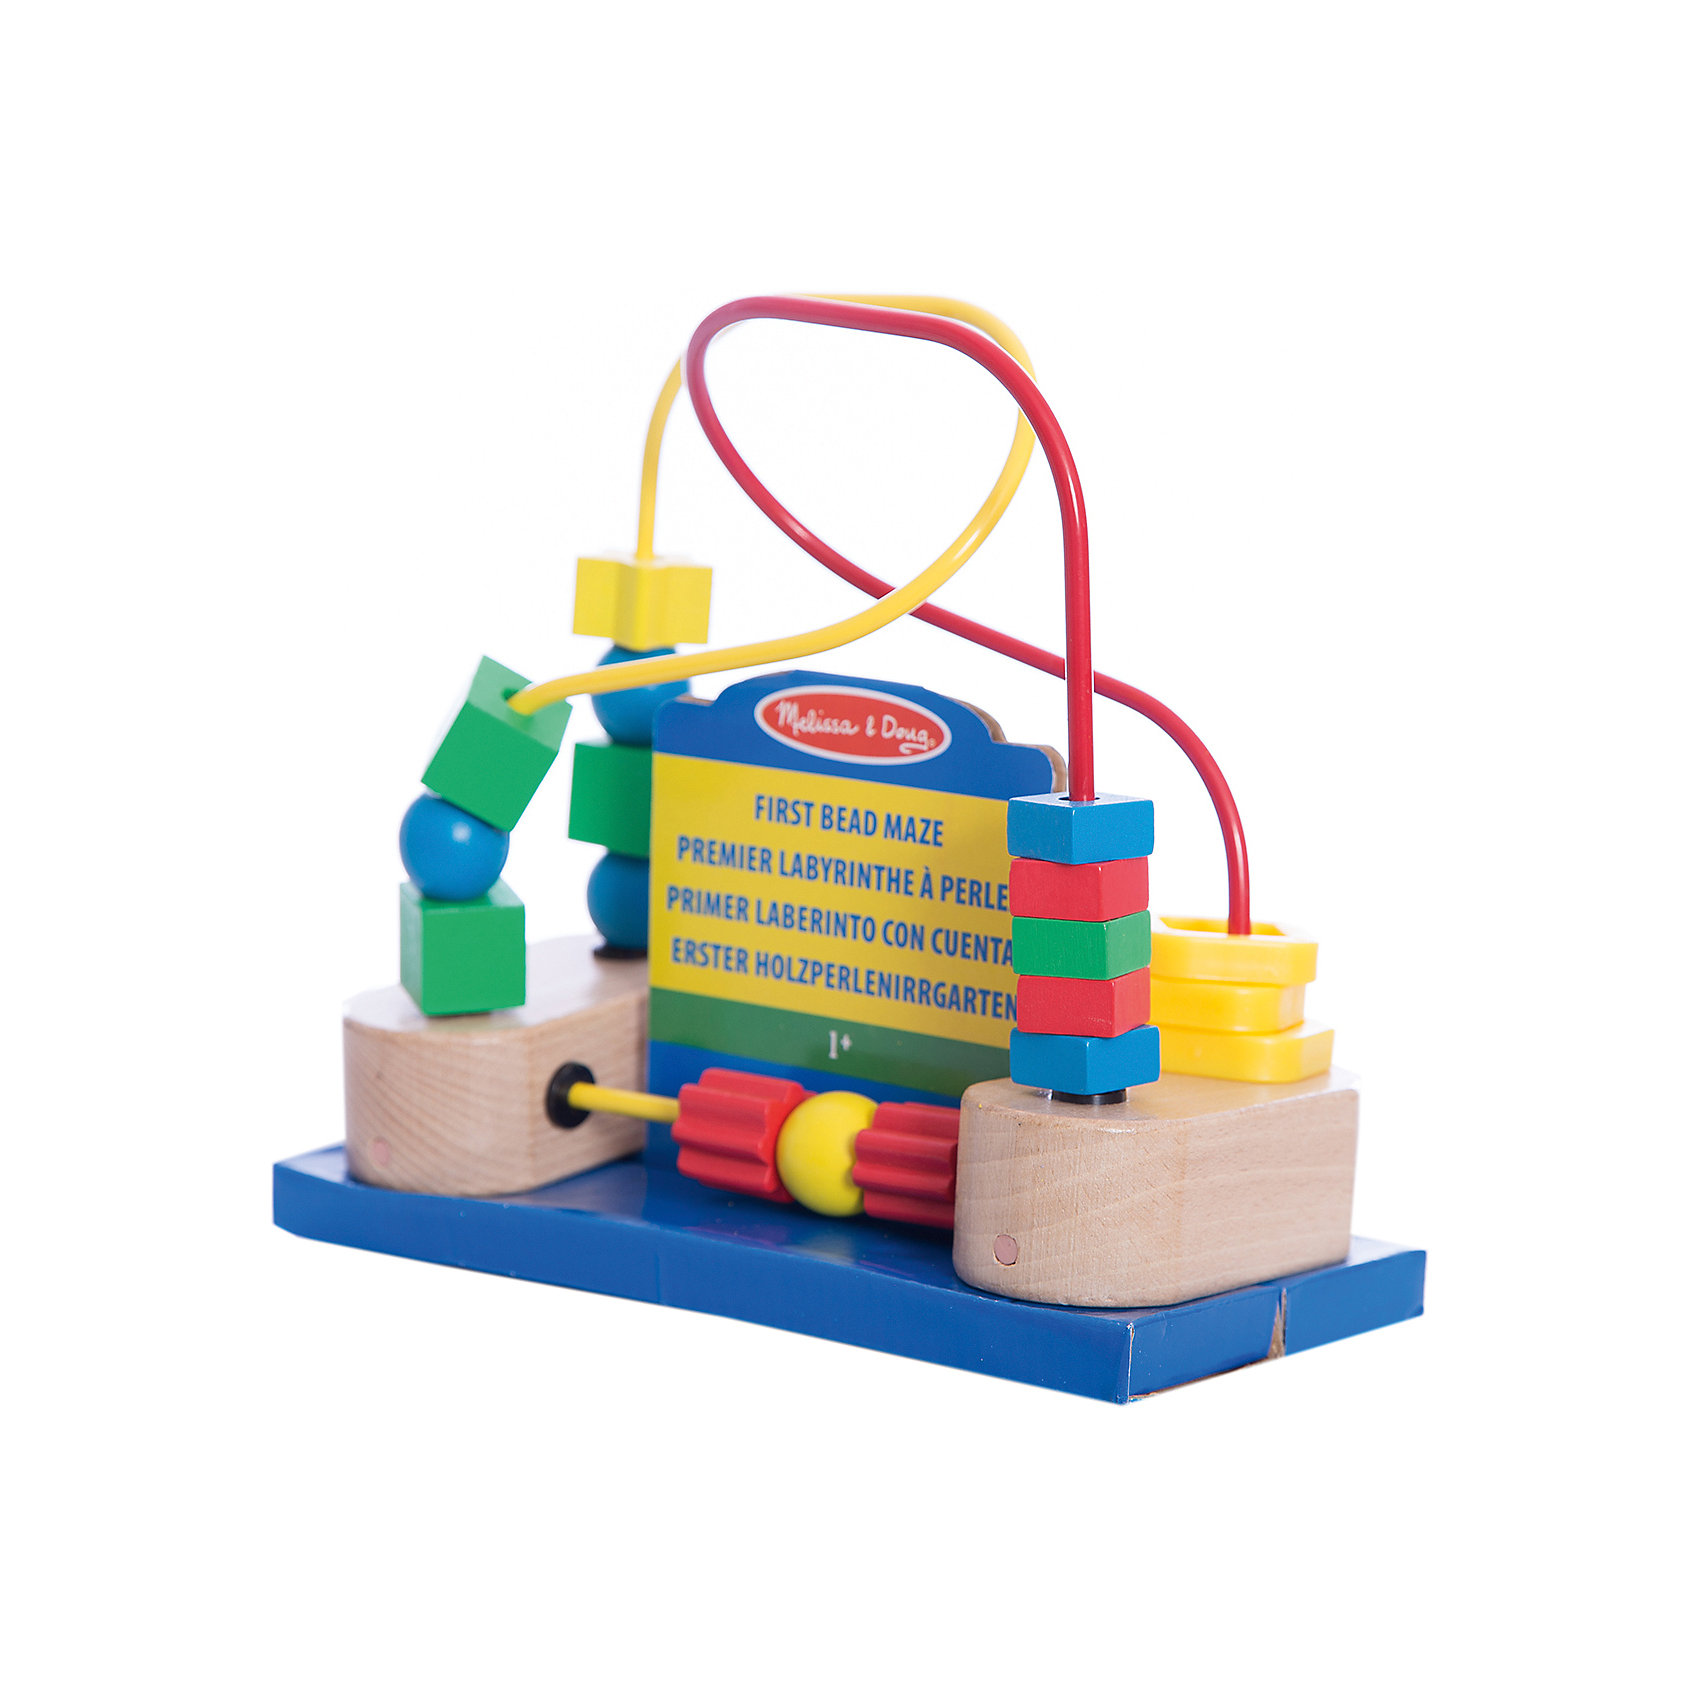 Развивающая игрушка Лабиринт с фигурами, Melissa &amp; DougРазвивающие игры<br>Развивающая игрушка Лабиринт с фигурами, Melissa &amp; Doug (Мелисса и Даг) – этот лабиринт познакомит ребенка с геометрическими фигурами.<br>Развивающая игрушка Лабиринт с фигурами - это игрушка для самых маленьких деток. Она представляет собой деревянную основу с металлической проволокой, на которой одеты разнообразные геометрические фигуры. Благодаря своей уникальной конструкции фигурки легко перемещаются, забавляя малыша. Все фигурки закреплены, и ребенок не сможет их отцепить, поэтому можно не беспокоиться о безопасности малыша. На основании игрушки имеются присоски, благодаря чему лабиринт можно будет закрепить на любой плоской поверхности. Игрушка поможет научиться малышу, распознавать формы и цвета, разовьет мелкую моторику и координацию движений.<br><br>Дополнительная информация:<br><br>- Материал: дерево<br>- Размер: 19,7х17,8х 9,5 см.<br><br>Развивающую игрушку Лабиринт с фигурами, Melissa &amp; Doug (Мелисса и Даг) можно купить в нашем интернет-магазине.<br><br>Ширина мм: 100<br>Глубина мм: 220<br>Высота мм: 180<br>Вес г: 588<br>Возраст от месяцев: 12<br>Возраст до месяцев: 36<br>Пол: Унисекс<br>Возраст: Детский<br>SKU: 4005803